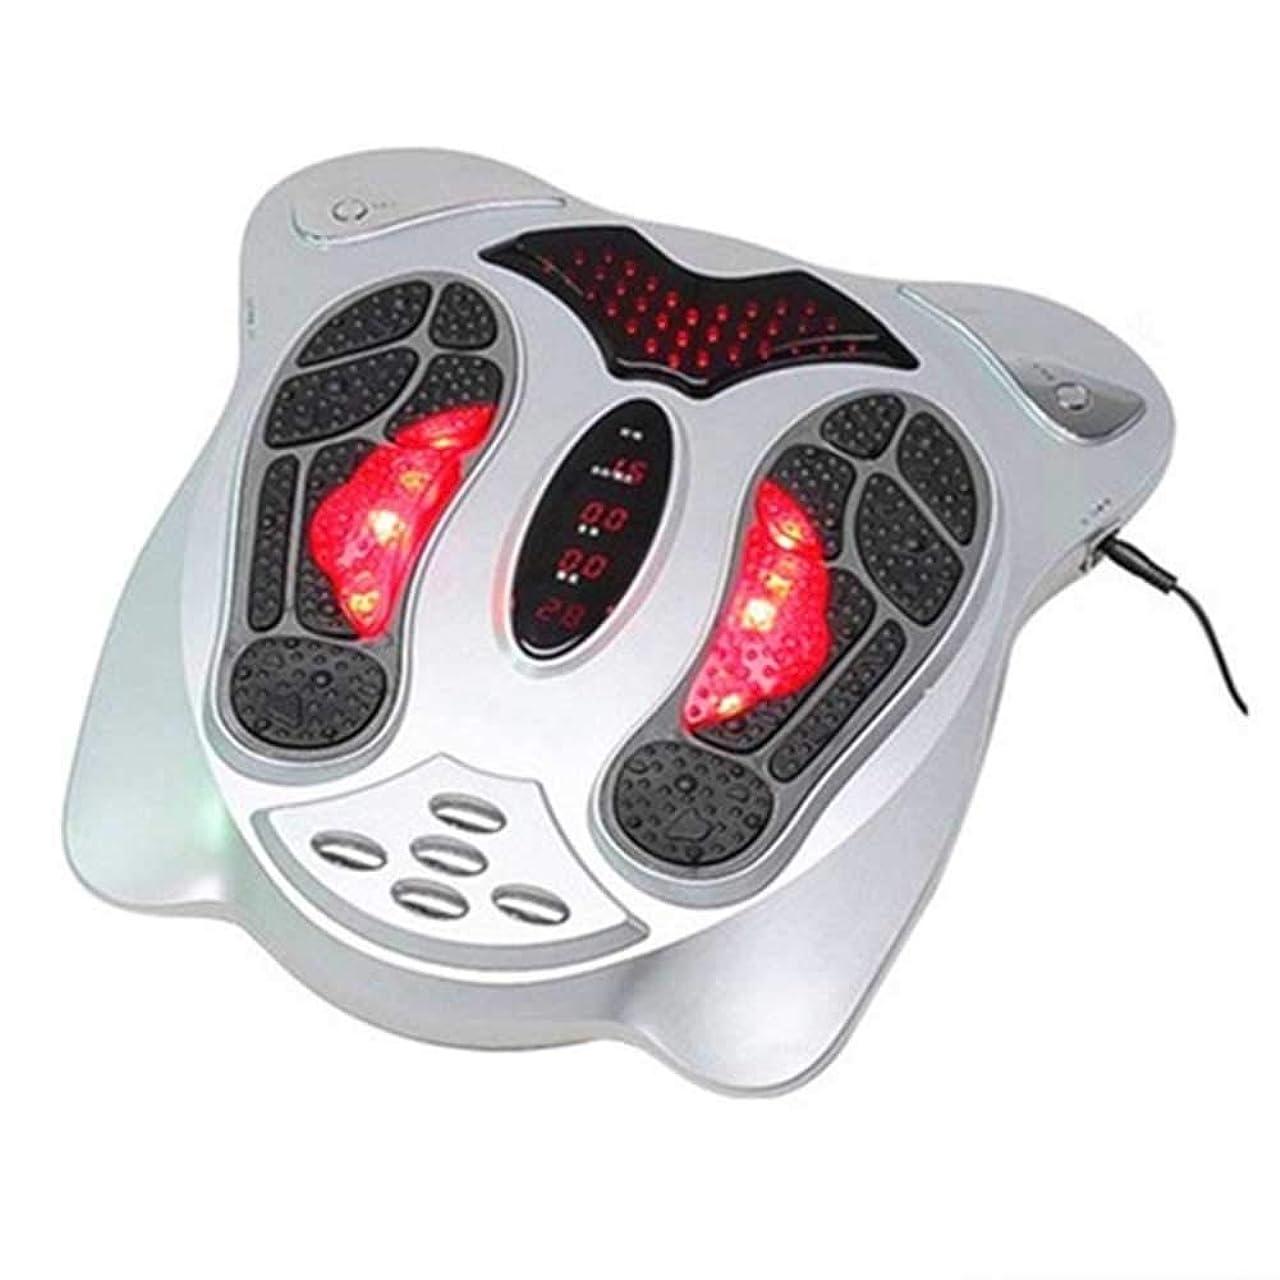 休日に大邸宅背骨血液循環を促進リモートコントロールフットマッサージャー電気脚低周波パルス鍼マッサージャー低周波健康療法機器インテリジェント、シルバー